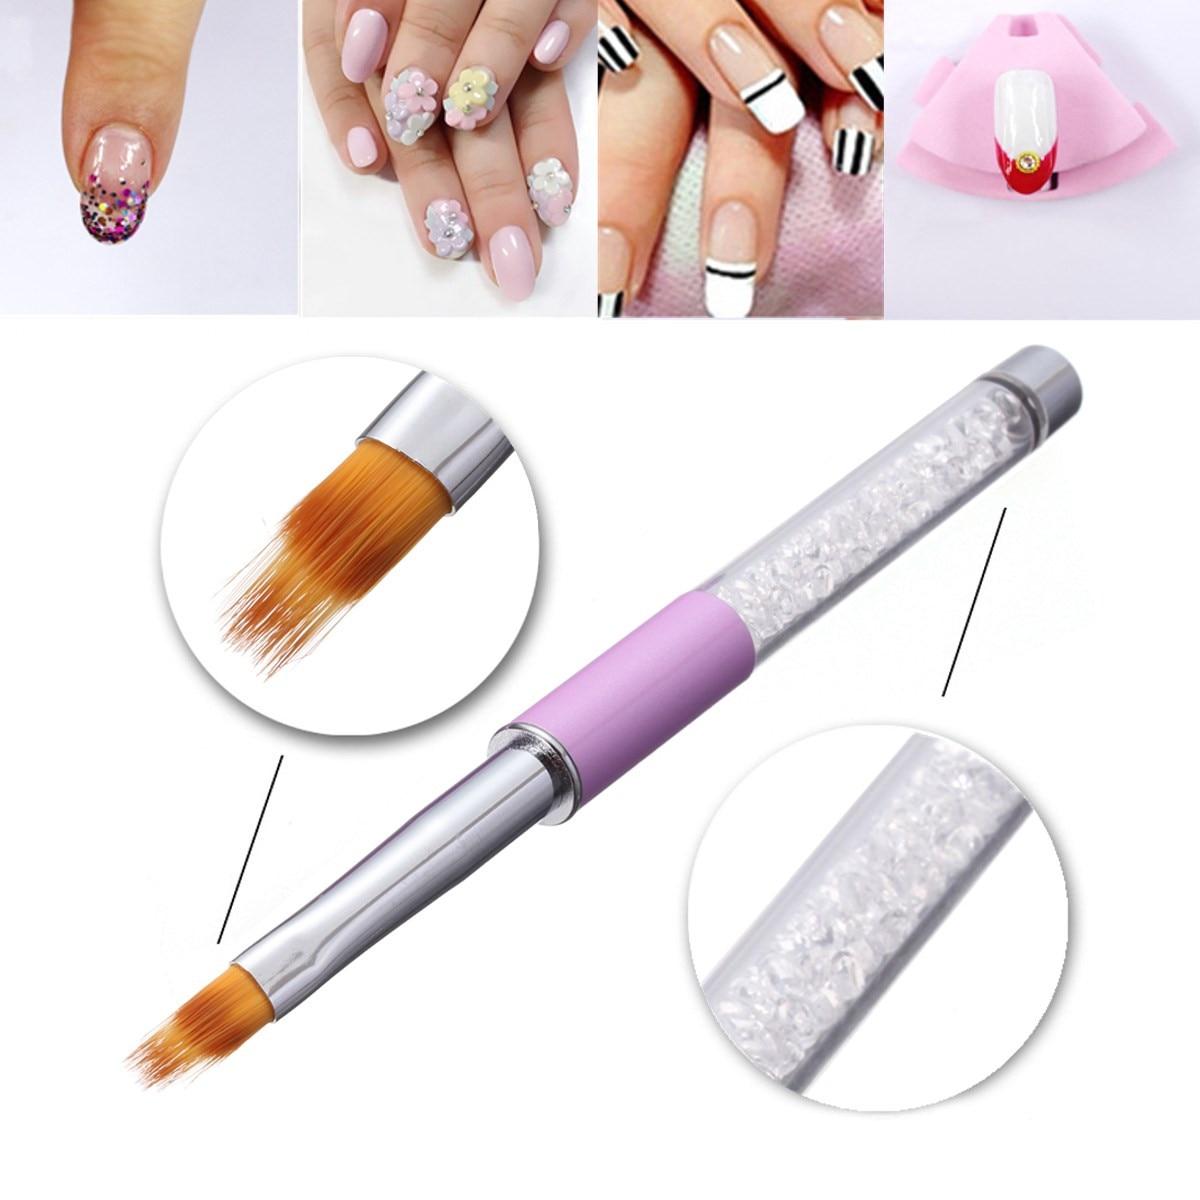 1 шт. УФ-гель-щетка для ногтей с ручкой из страз Нейлоновая Щетка для волос с эффектом омбре инструменты для дизайна ногтей кисть для нанесен...